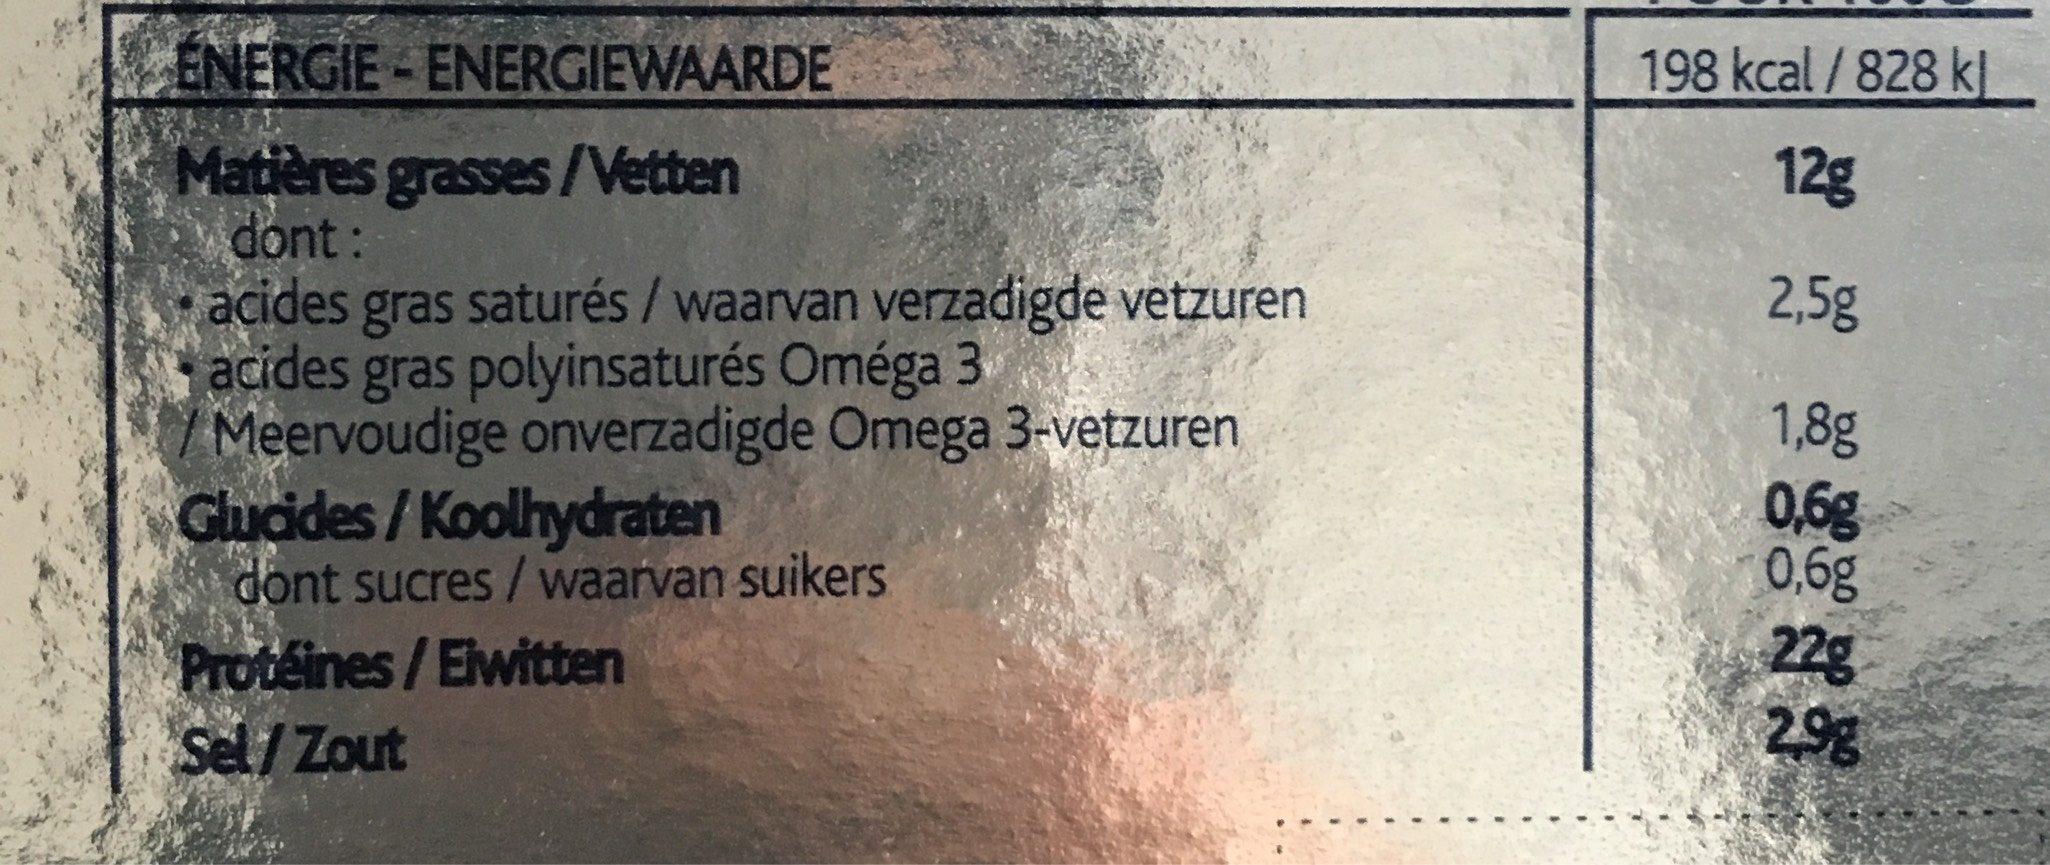 Saumon fumé Le Norvège - Informations nutritionnelles - fr